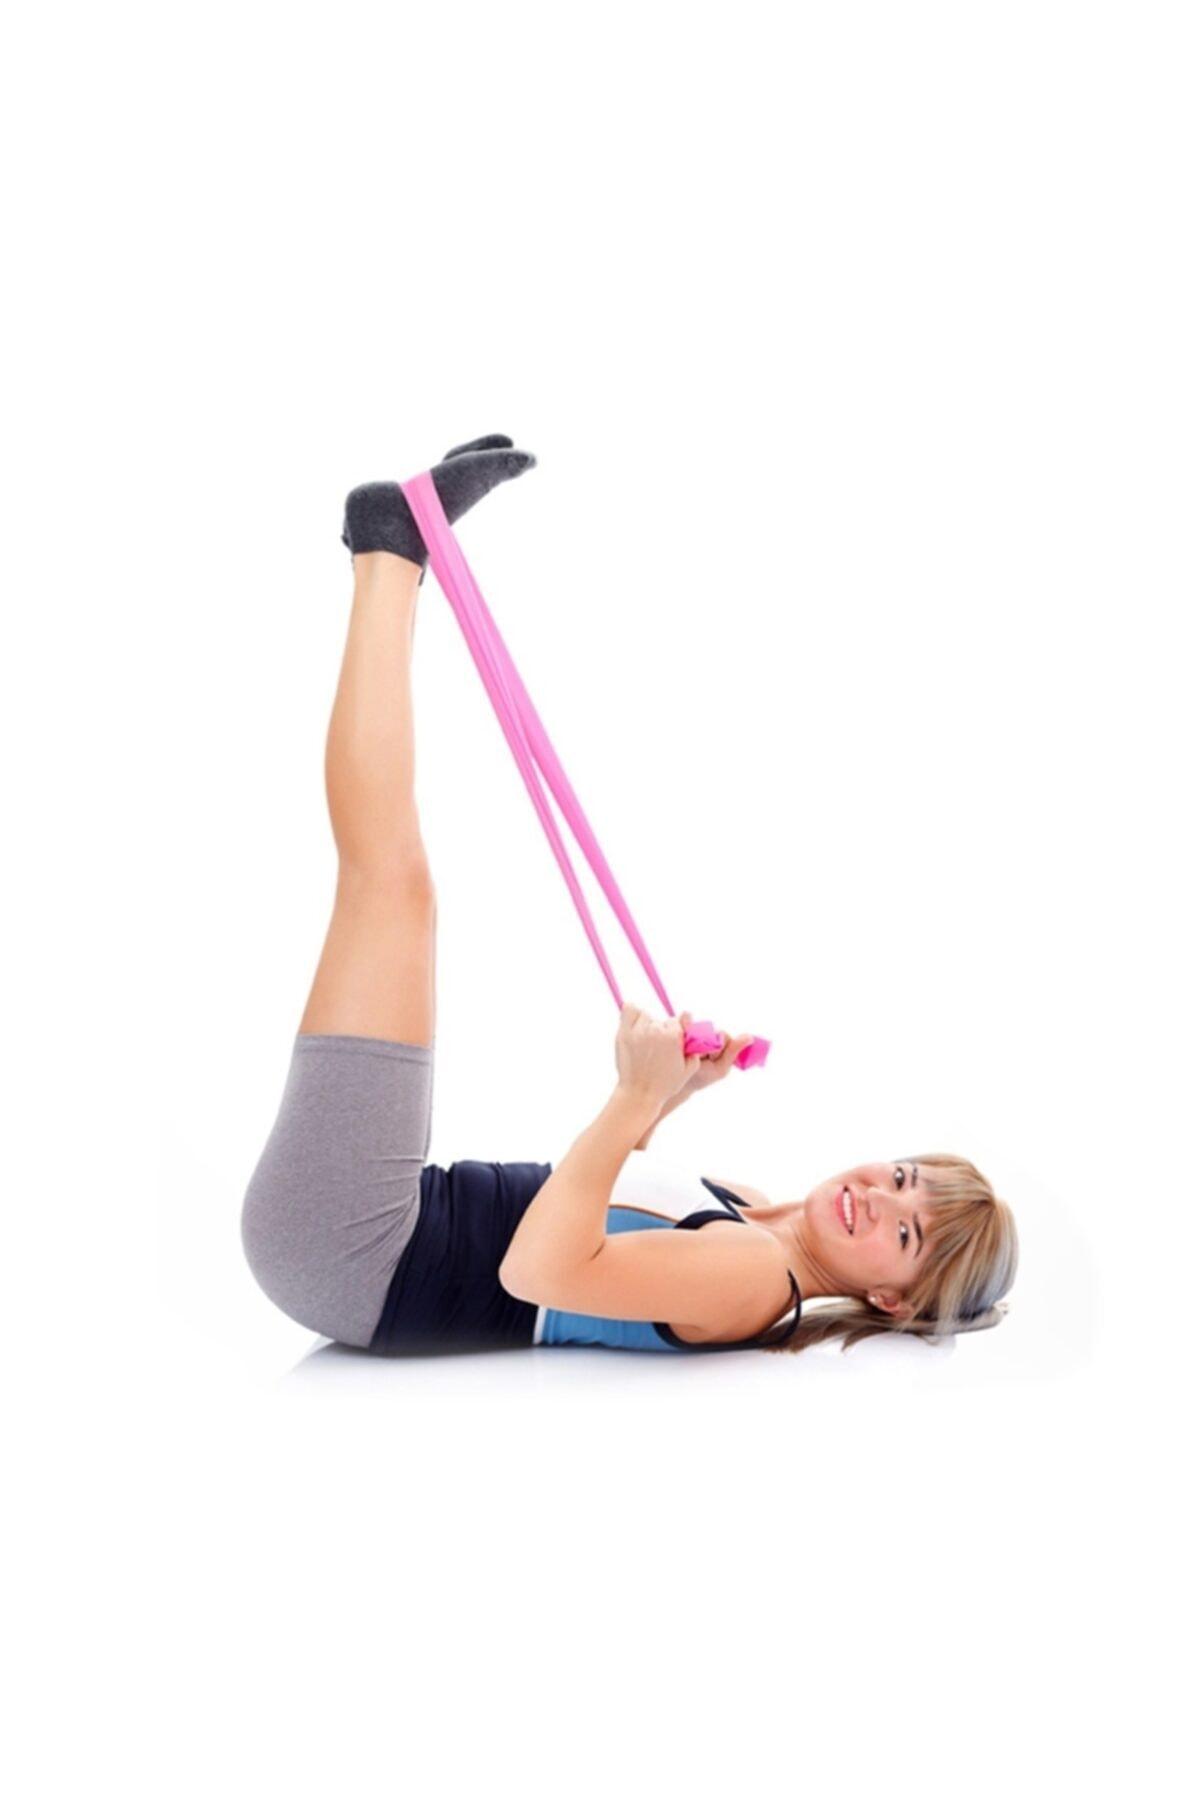 EKPA 3 Lü Pilates Bantı Seti Direnç Hafif Orta Sert 2